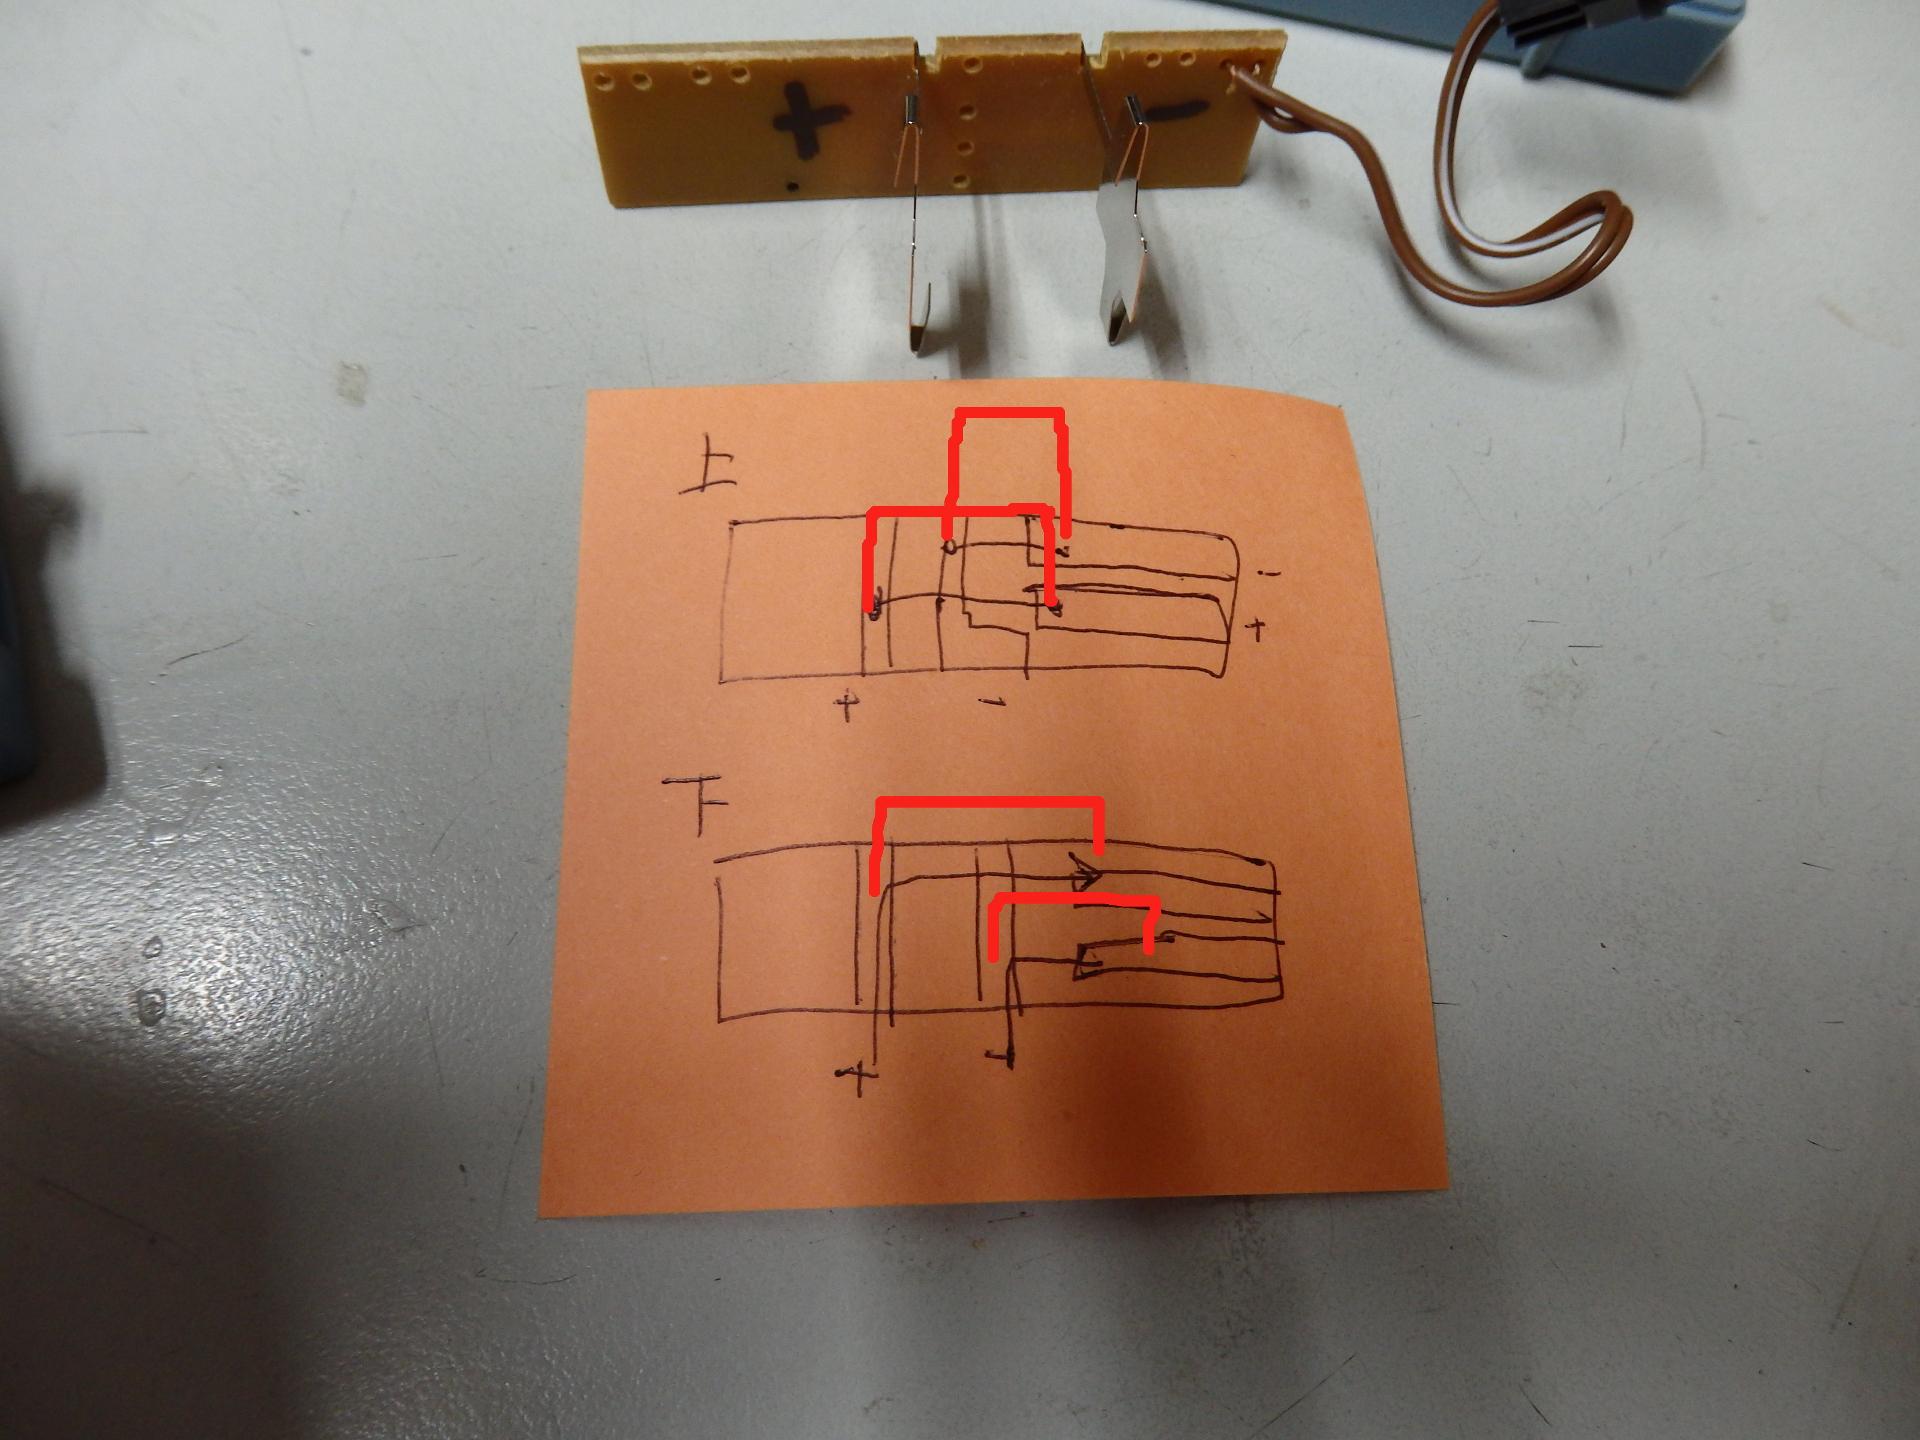 2枚あるスライドの位置をずらすことで反転スイッチを構成しています。